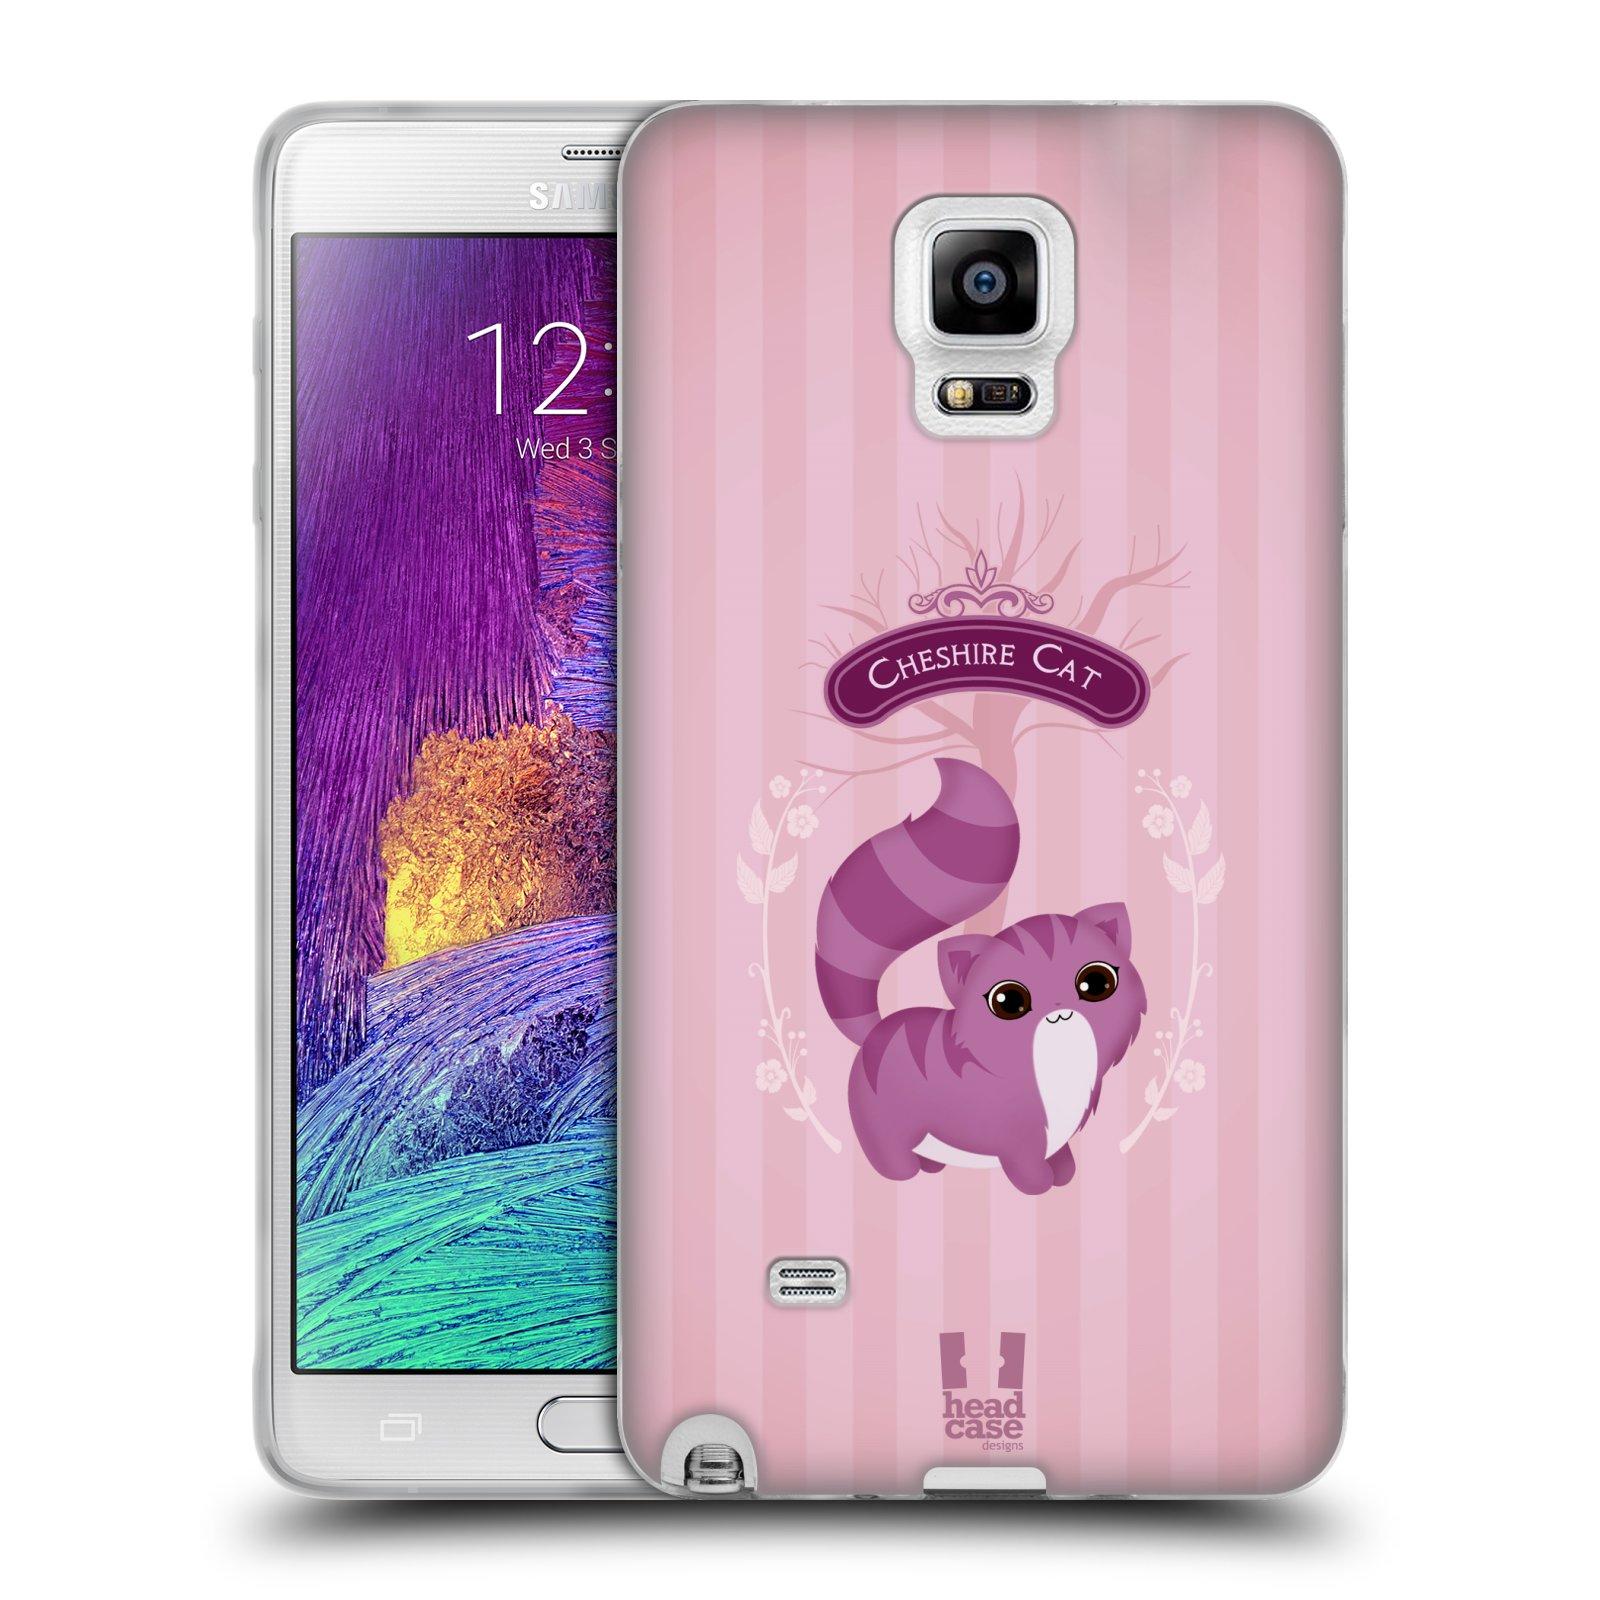 HEAD CASE silikonový obal na mobil Samsung Galaxy Note 4 (N910) vzor Alenka v říši divů kočička